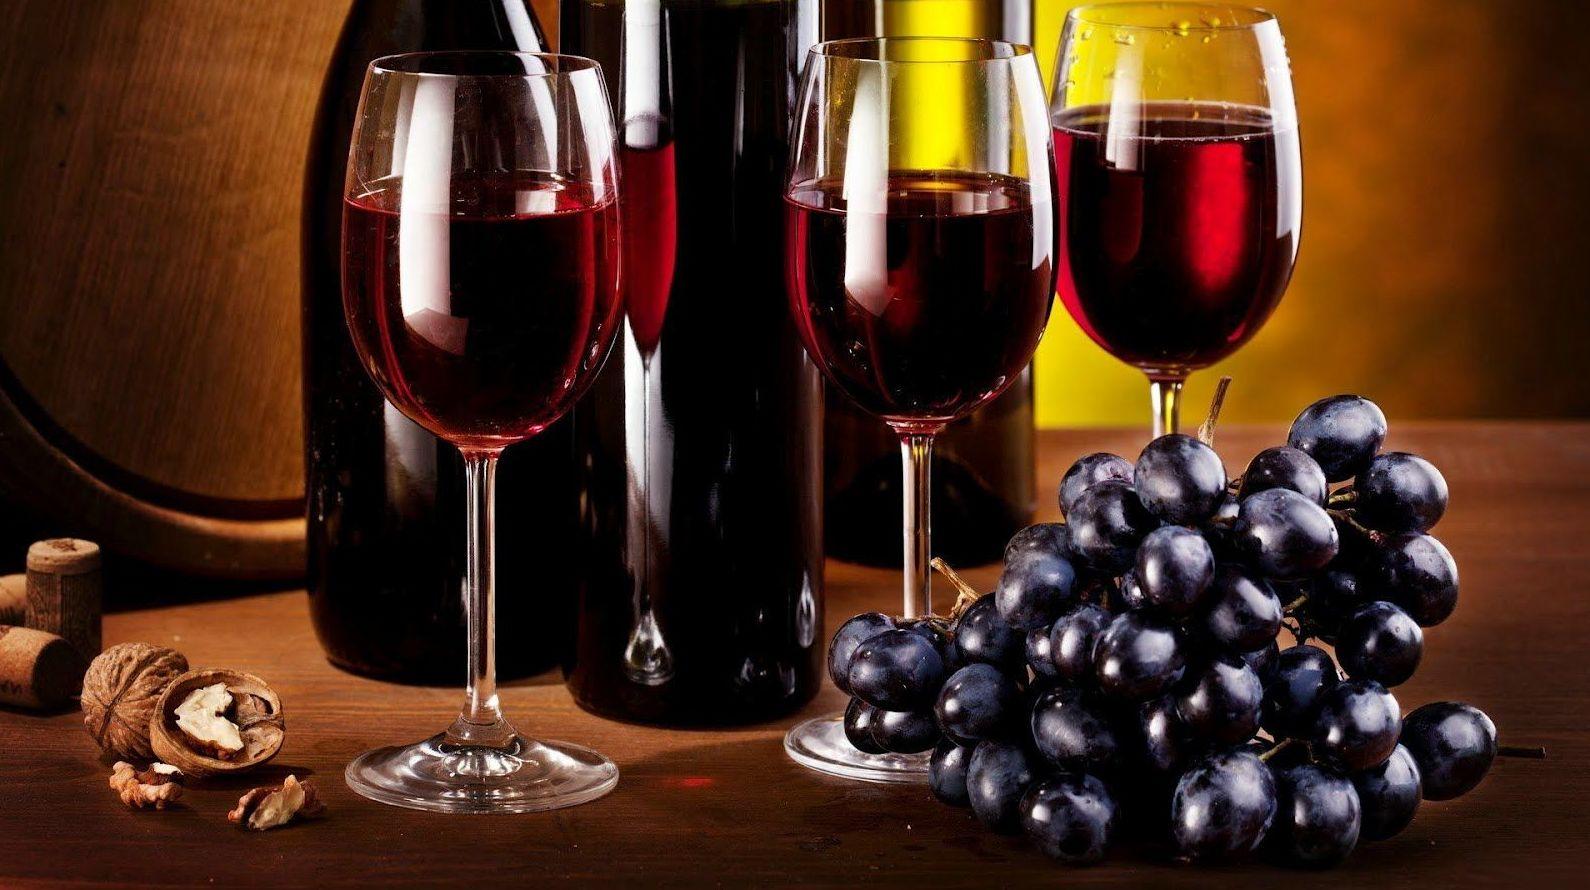 Distribuidor de vinos